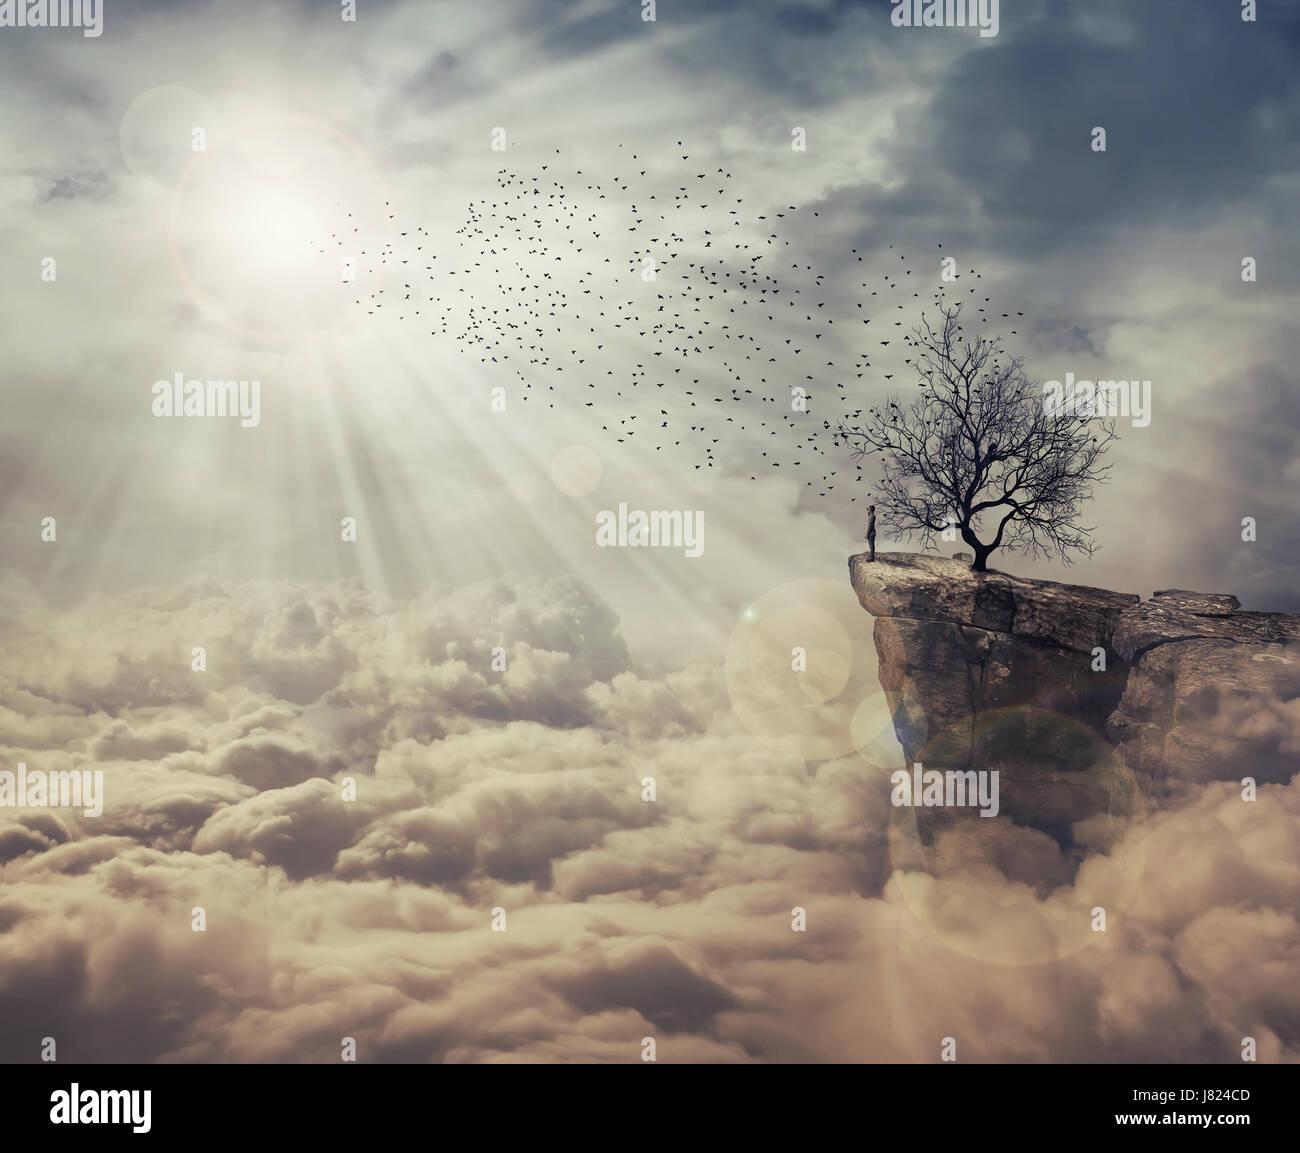 Giovane uomo in piedi sulla cima di una scogliera sopra le nuvole guardando a uno stormo di uccelli in volo da una Immagini Stock